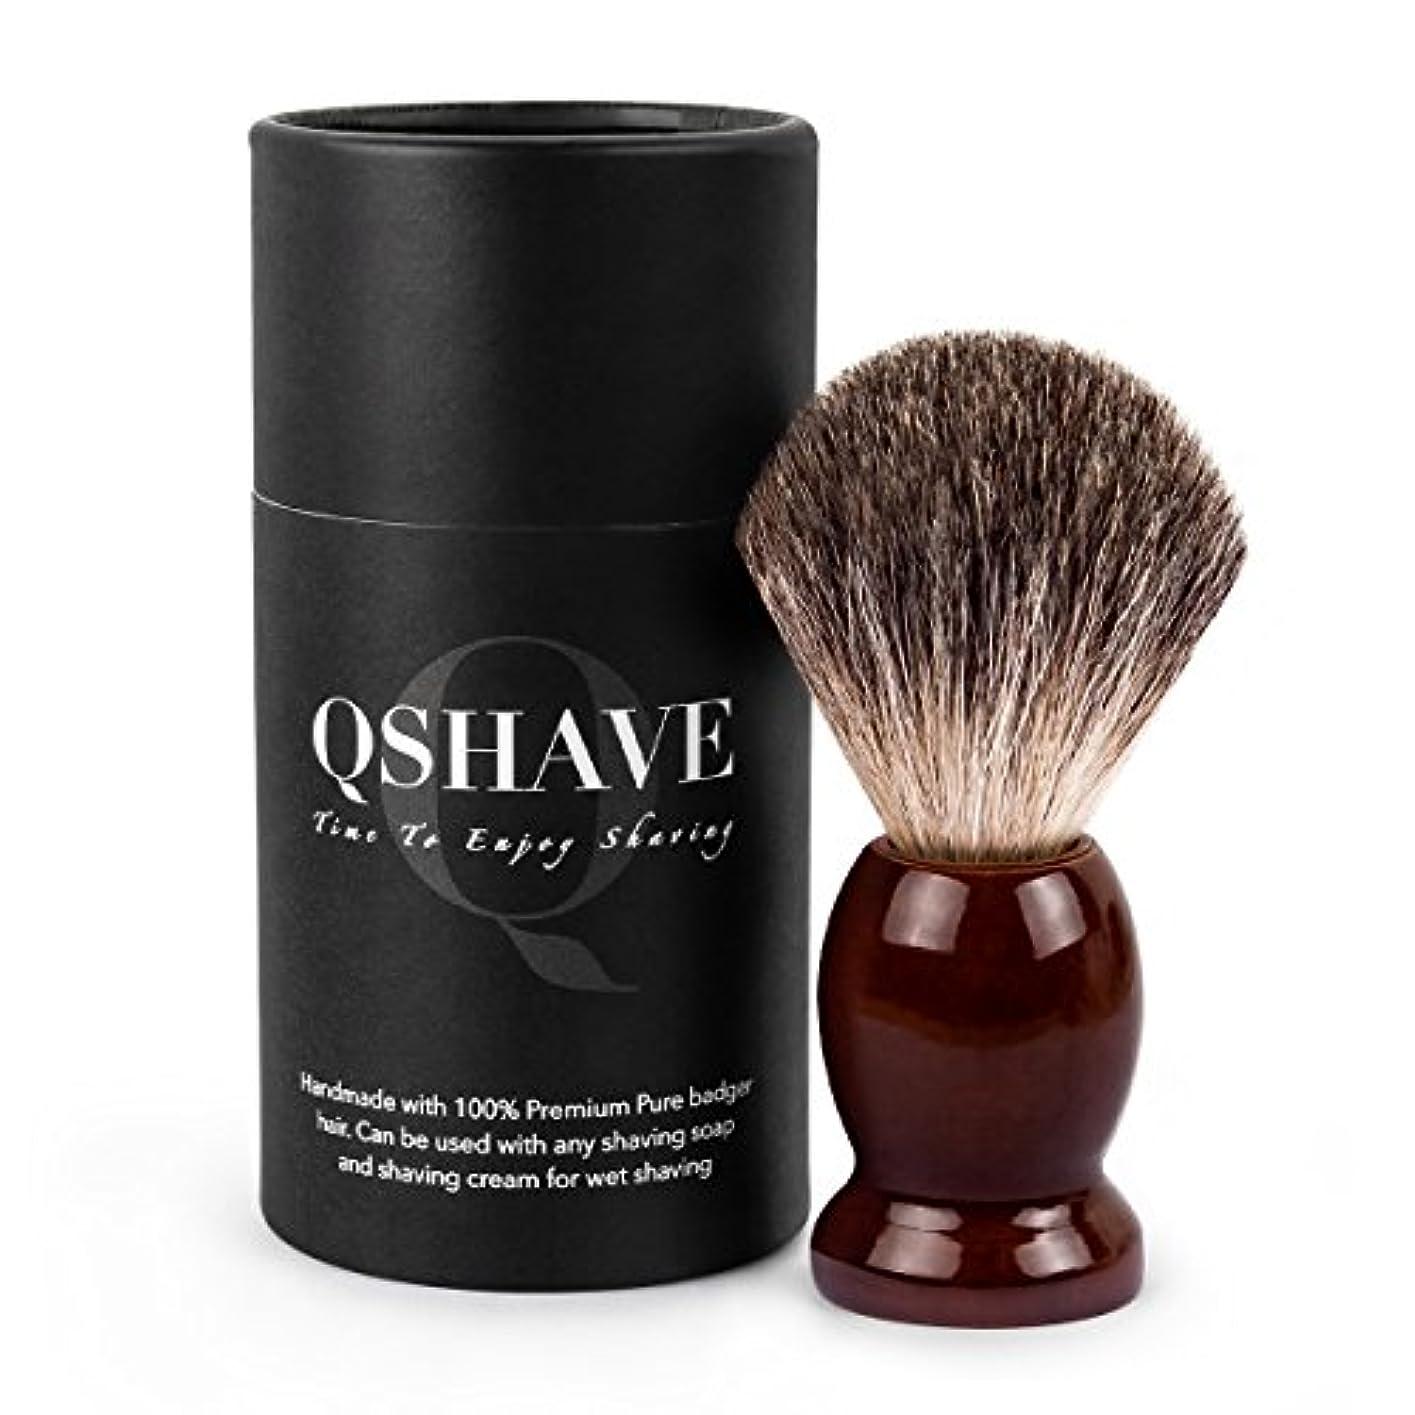 不正シンプトンスタッフQSHAVE 100%最高級アナグマ毛オリジナルハンドメイドシェービングブラシ。木製ベース。ウェットシェービング、安全カミソリ、両刃カミソリに最適